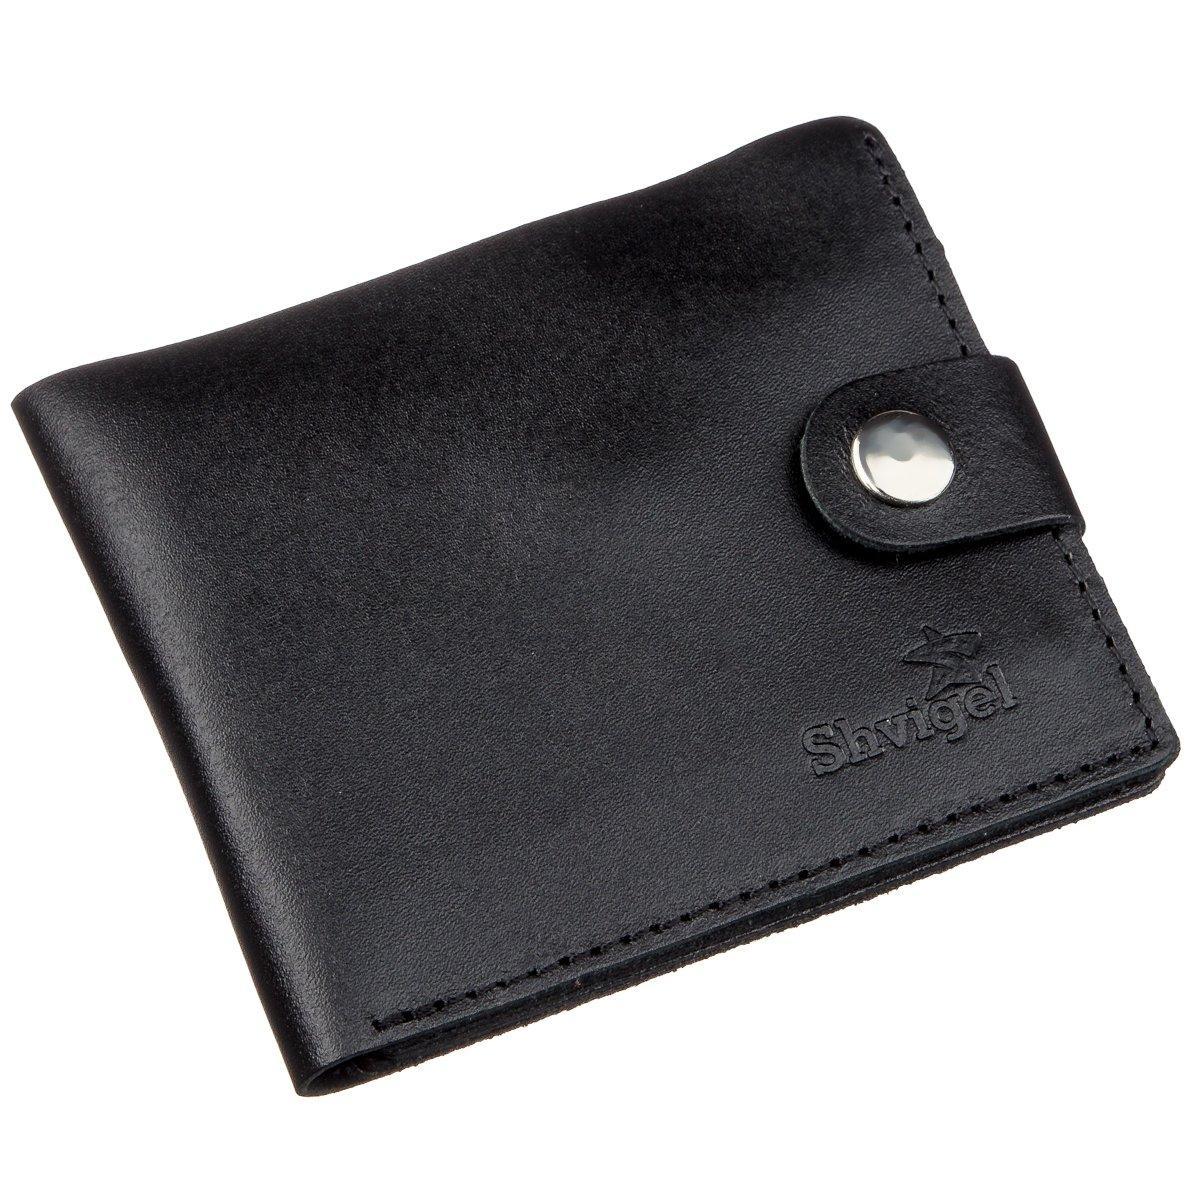 Портмоне чоловіче з монетницею шкіряне SHVIGEL 16211 Чорне